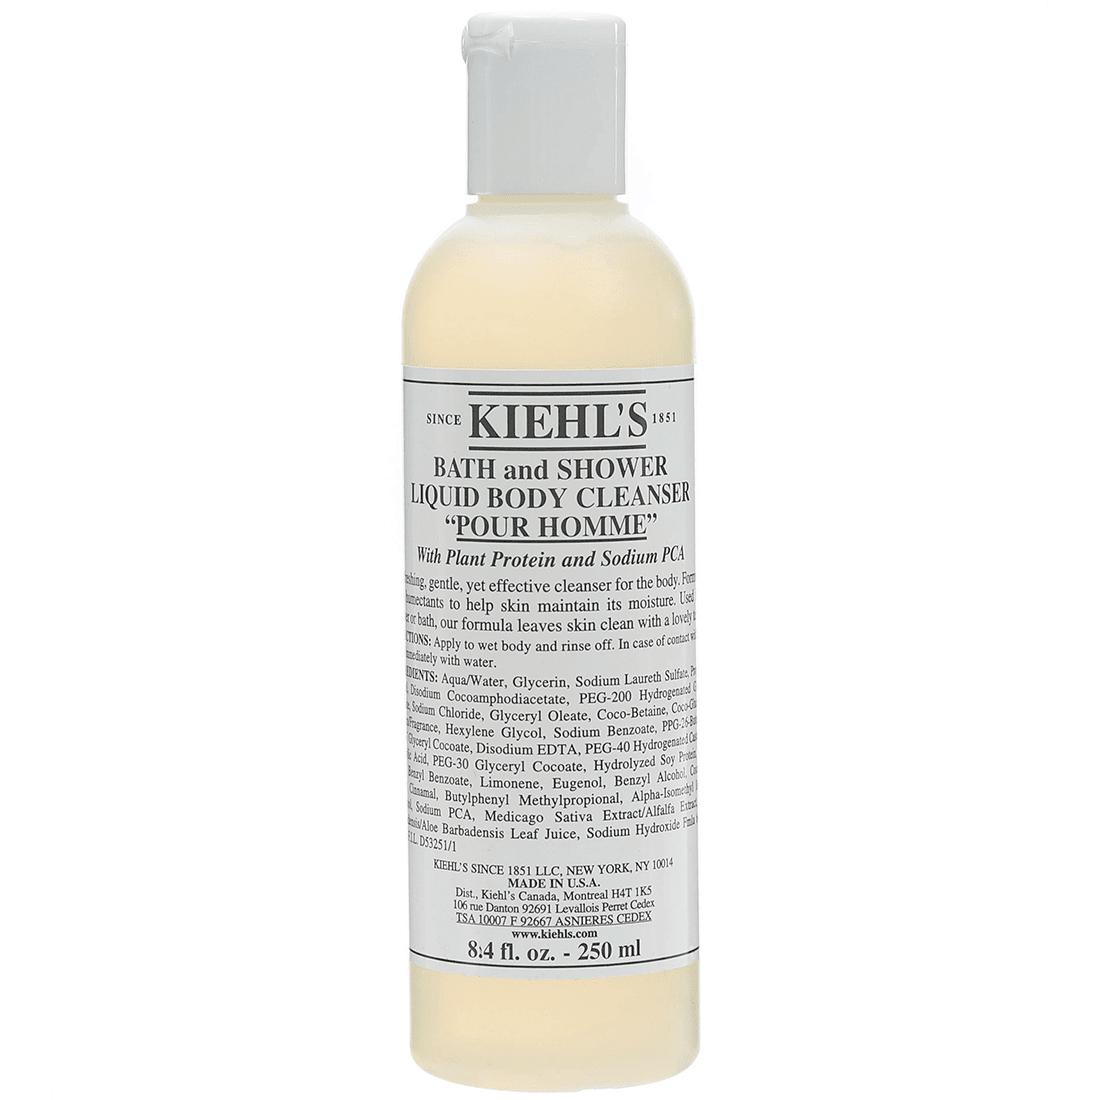 kiehls-pour-homme-bath-and-shower-liquid-body-cleanser